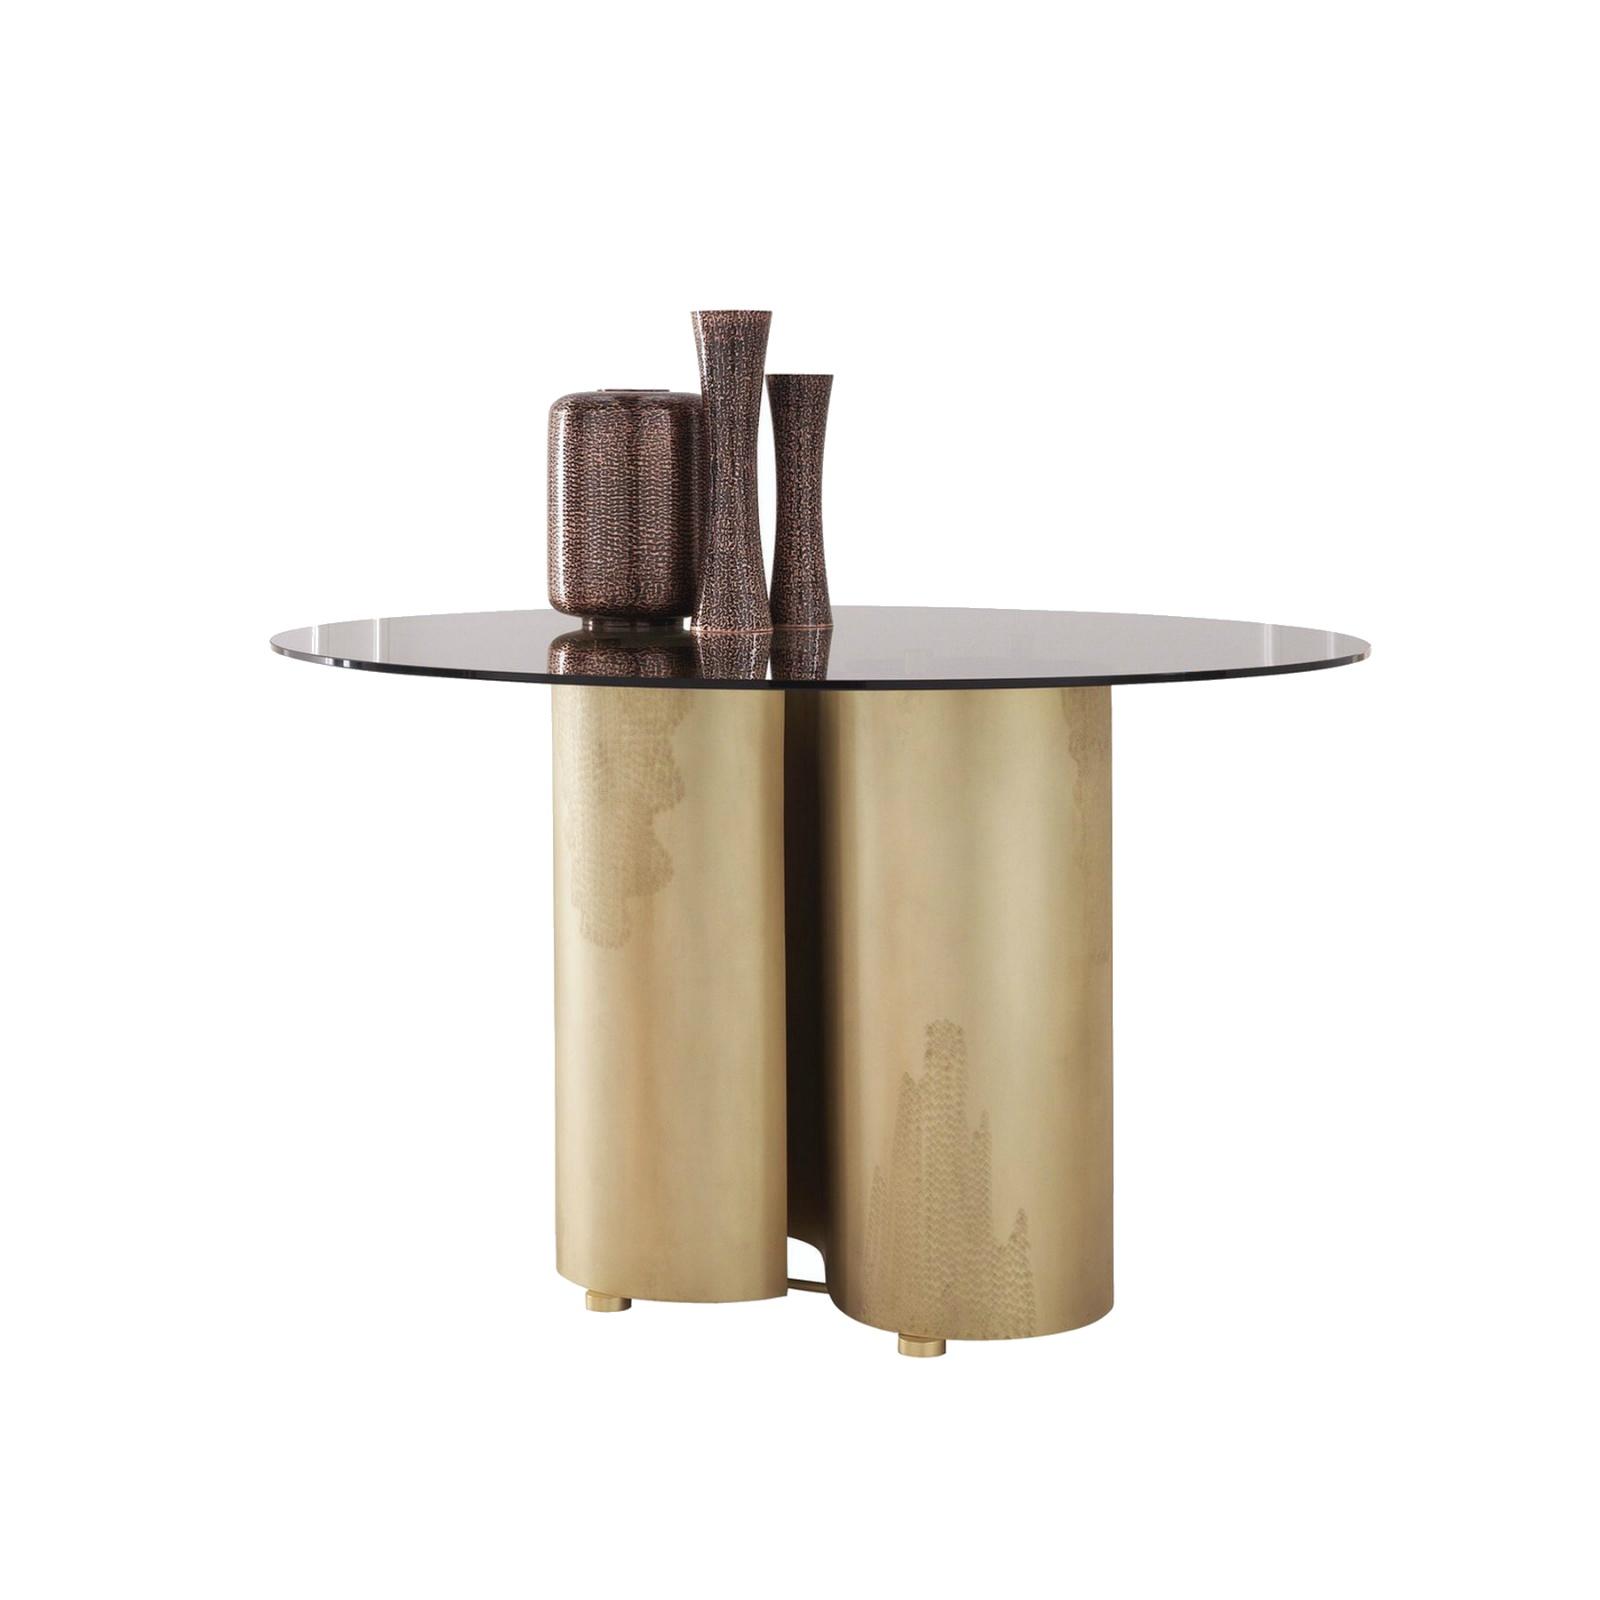 tavolo-infinito-argento-ottone-zanetto-2019